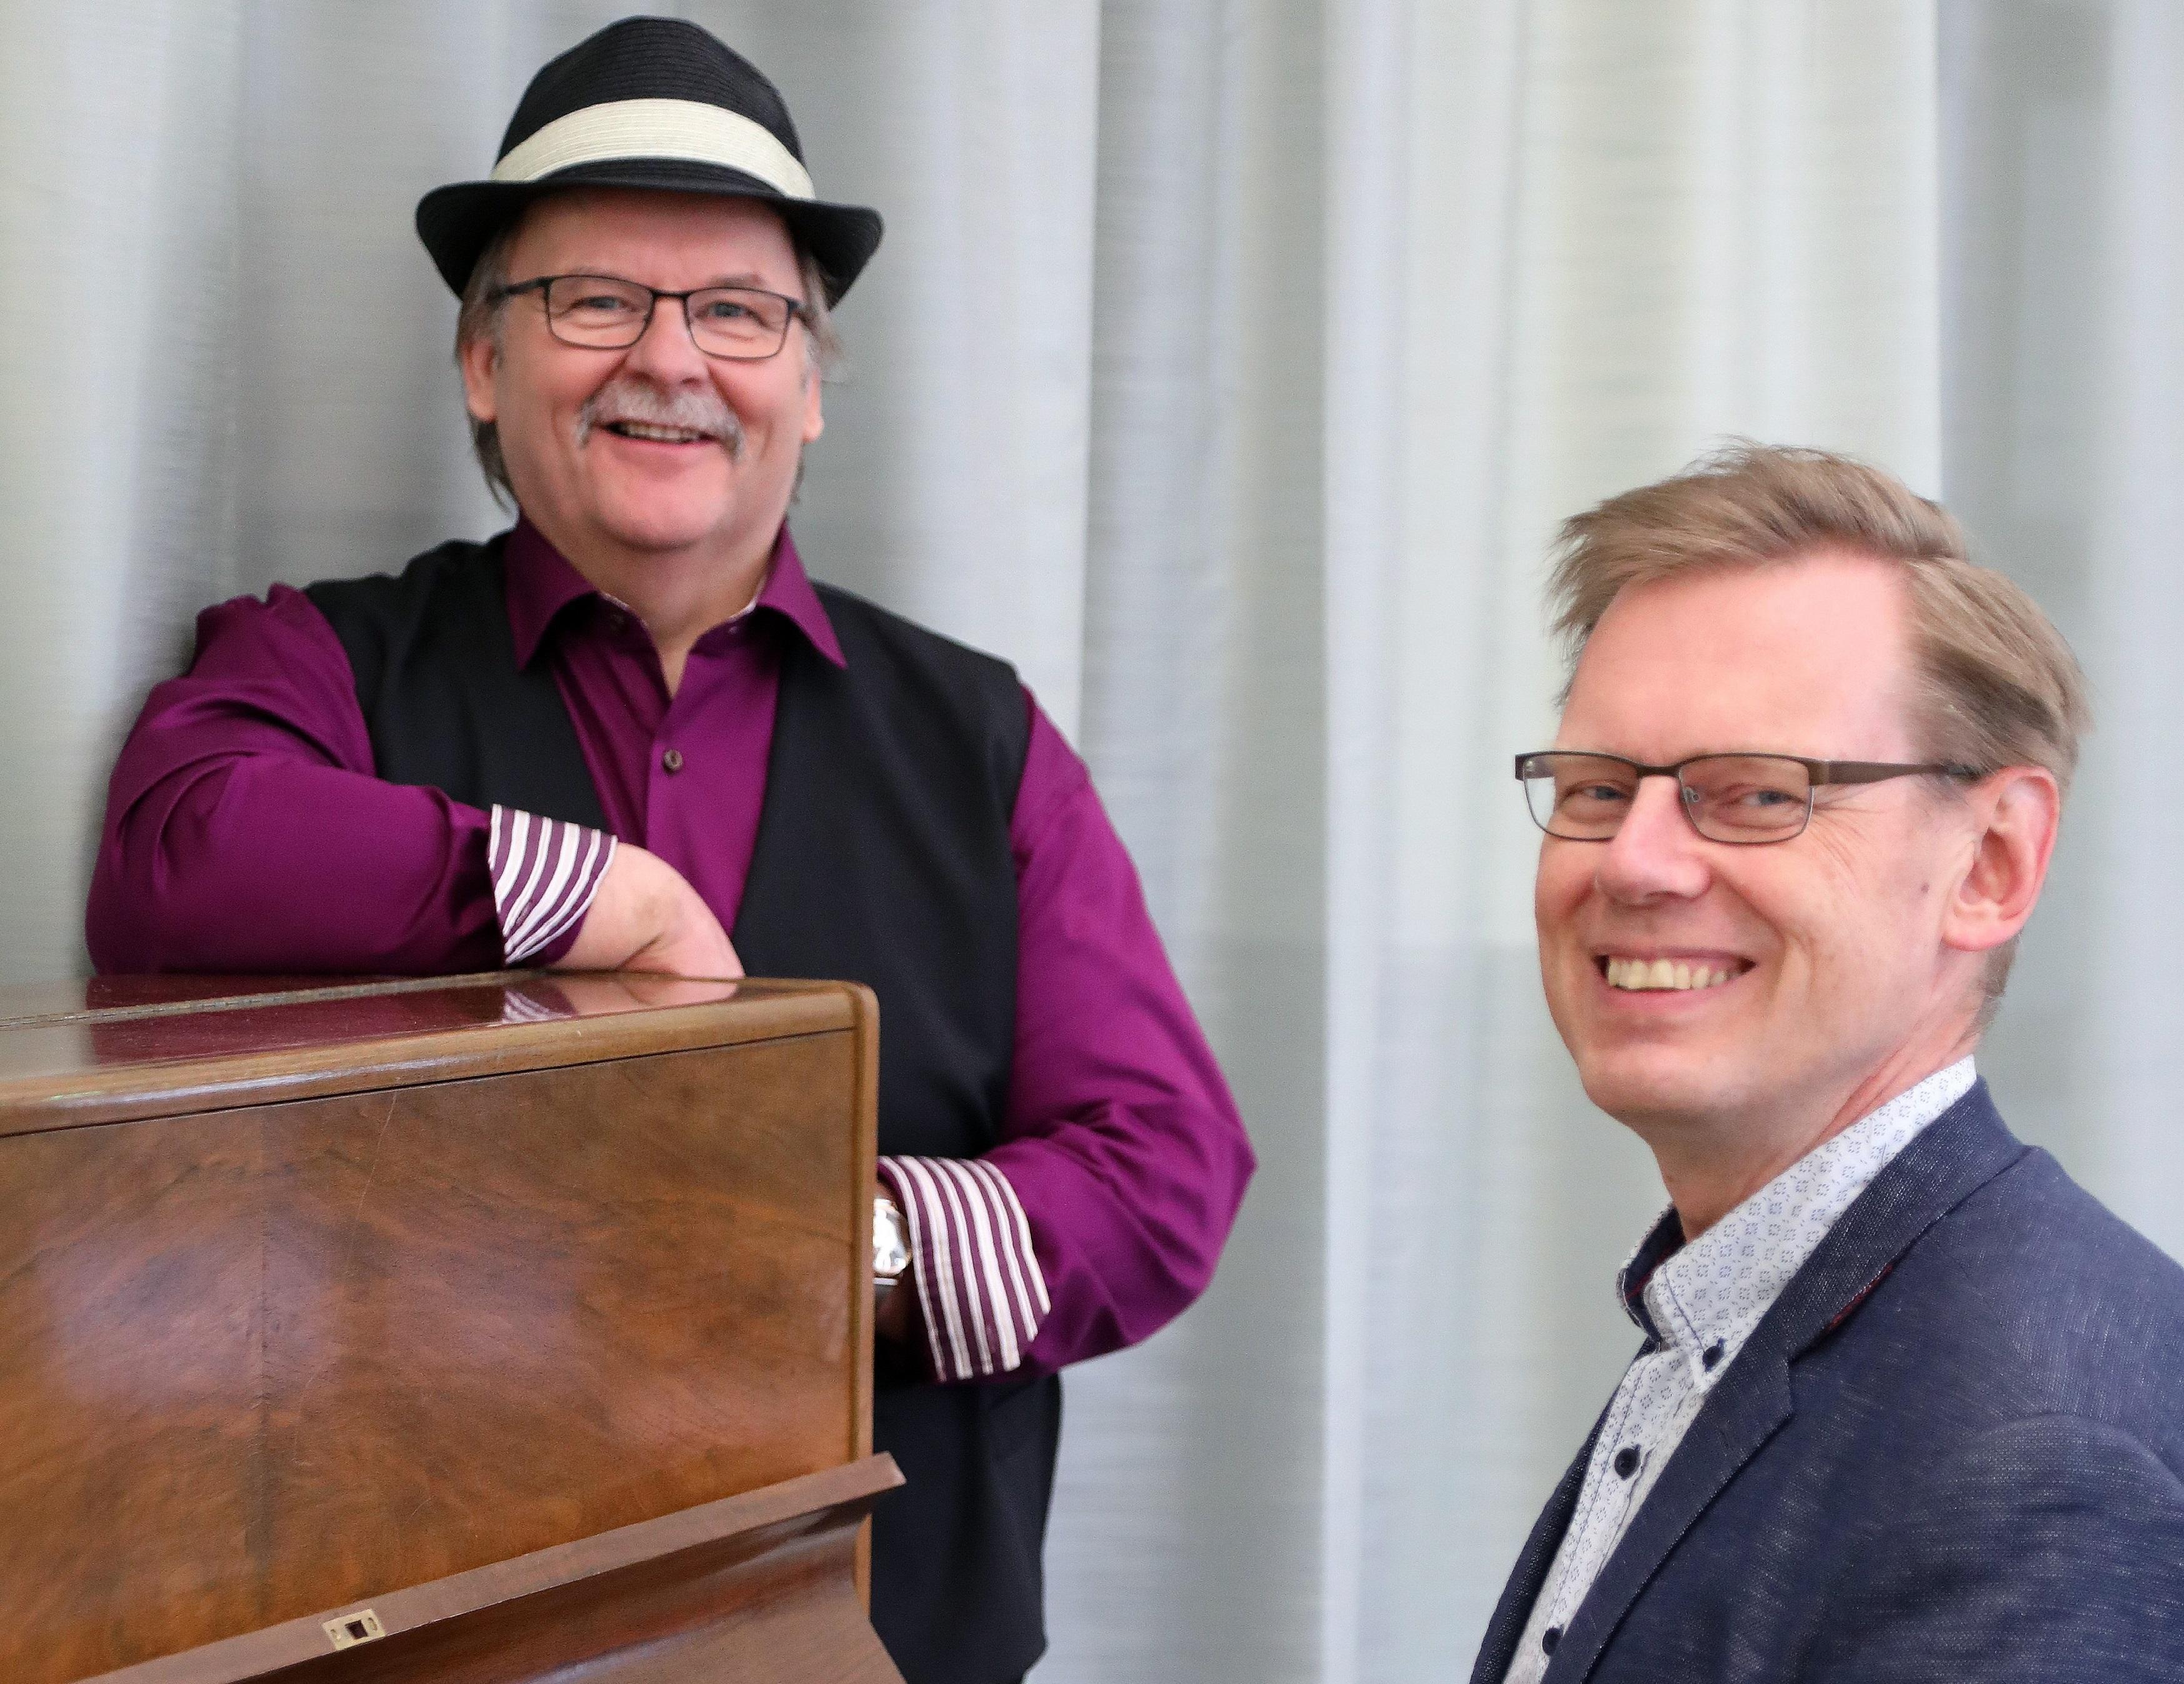 Verkkotapahtuma: #25 Yhteislaulut kotona, laulattajina Martti Kuurila ja Jussi Tamminen